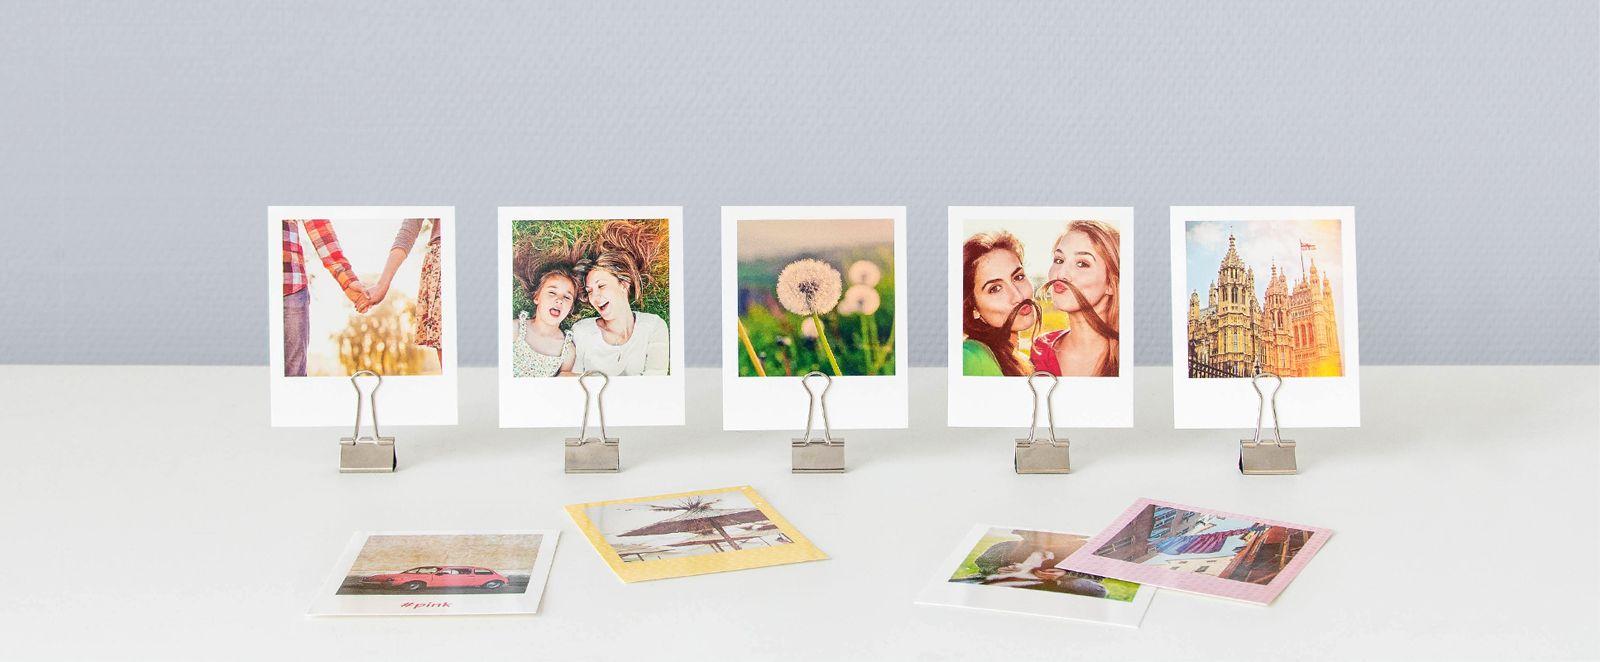 Tu web para imprimir fotos online baratas con calidad profesional